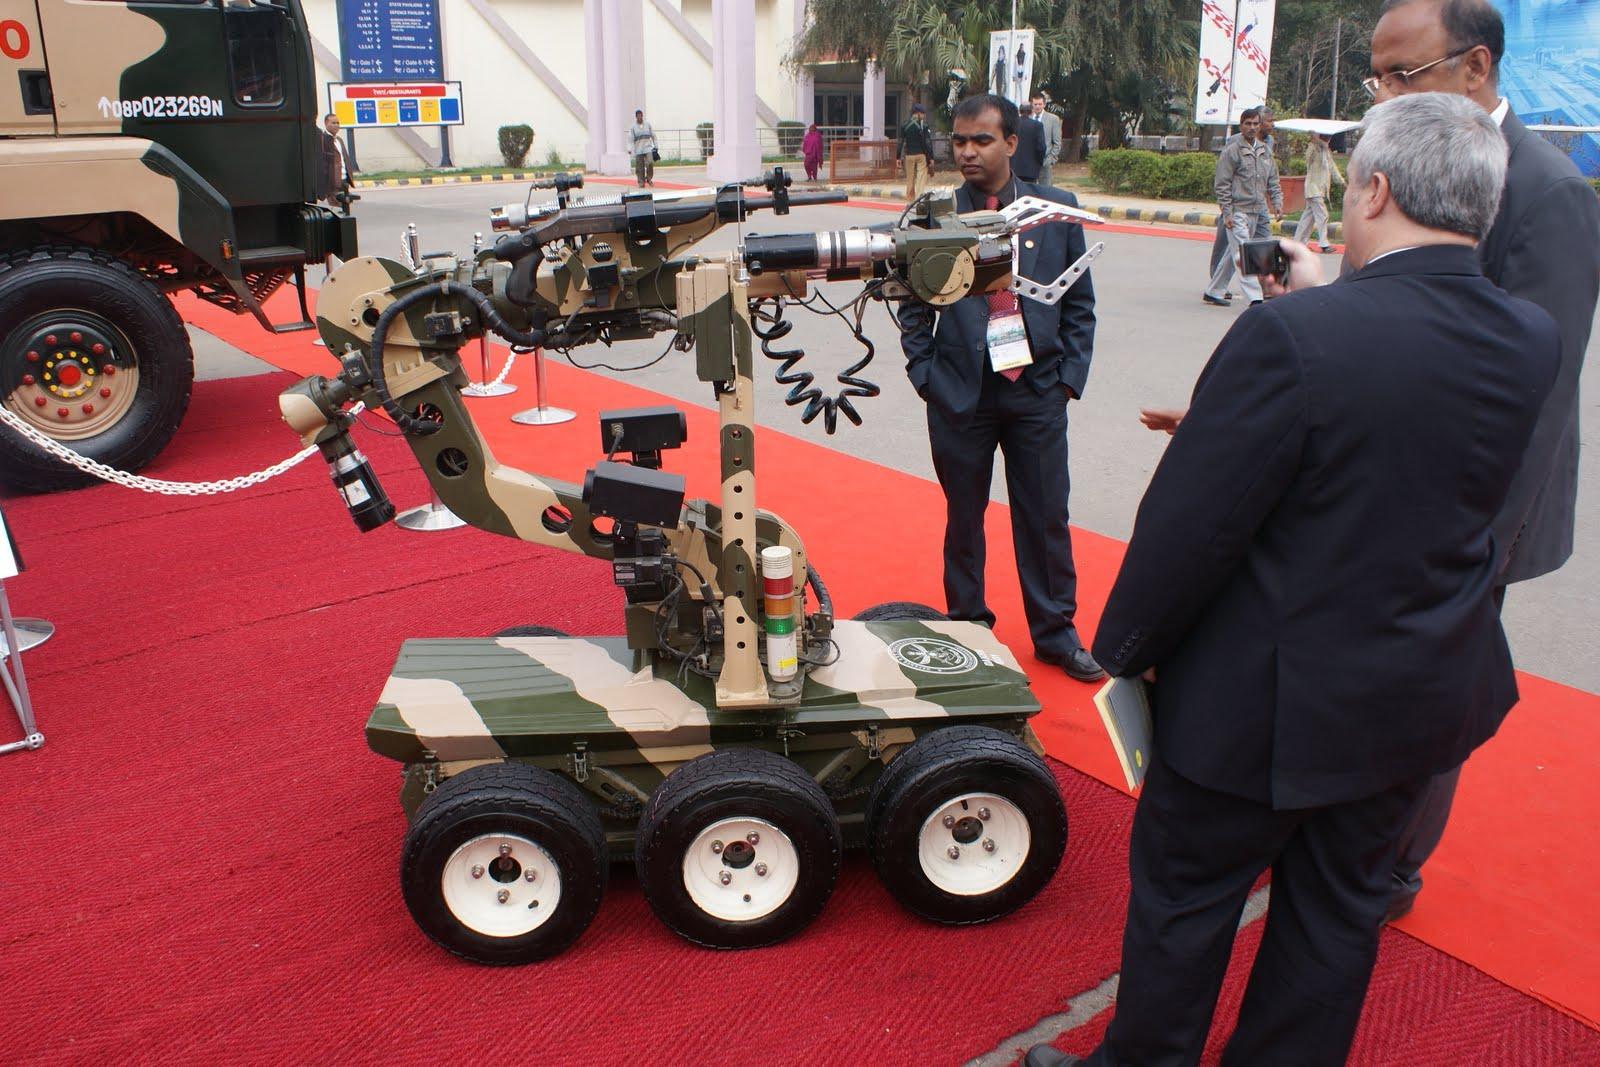 Военные роботы и их разработчики. Часть 3 — заключительная - 16